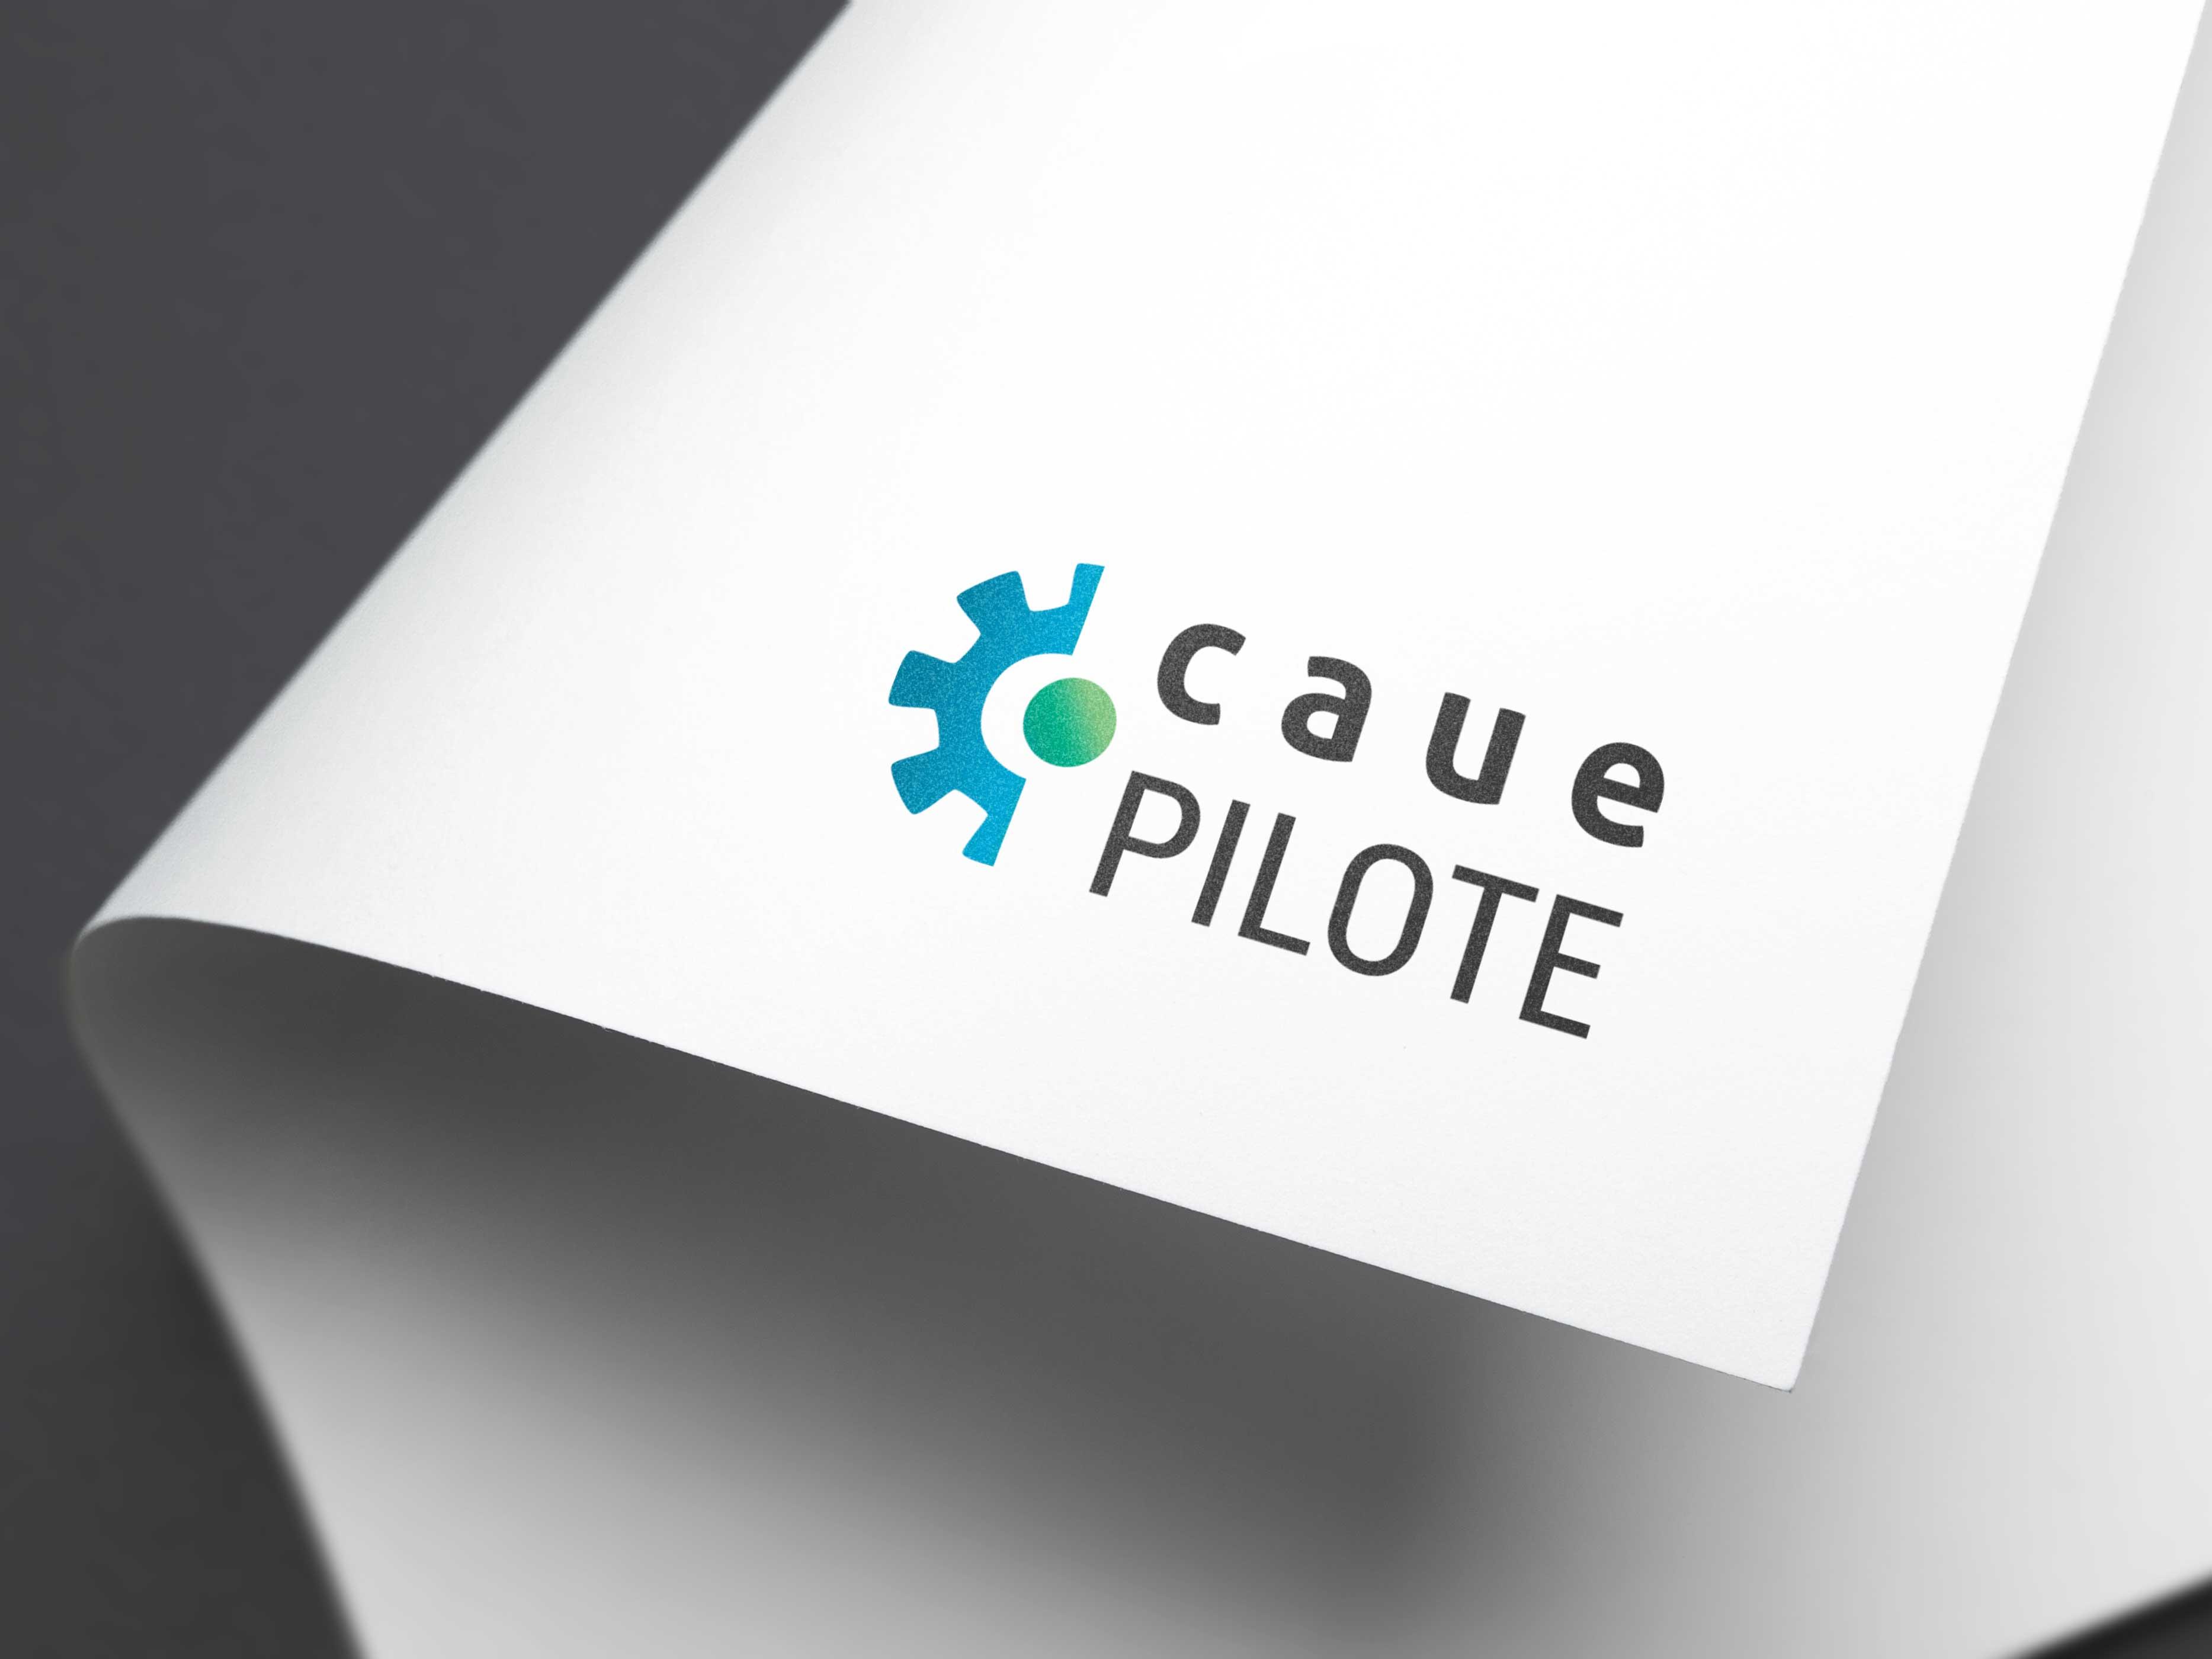 creation-de-logo-logiciel-de-gestion-et-pilotage-caue-pilote-dordogne